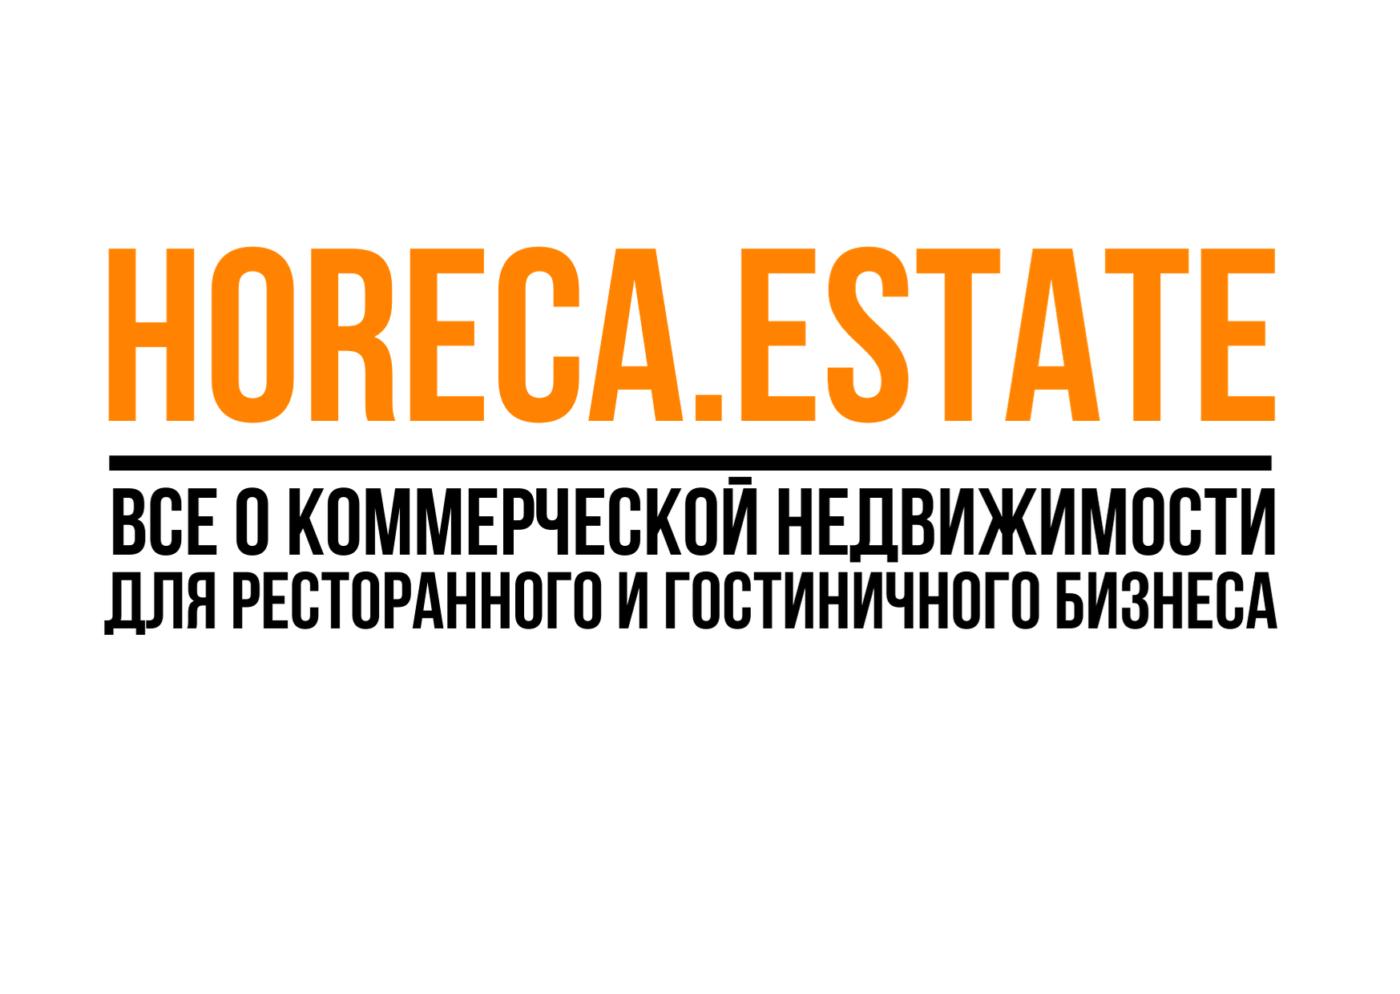 Инфо партнер Horeca.Estate.